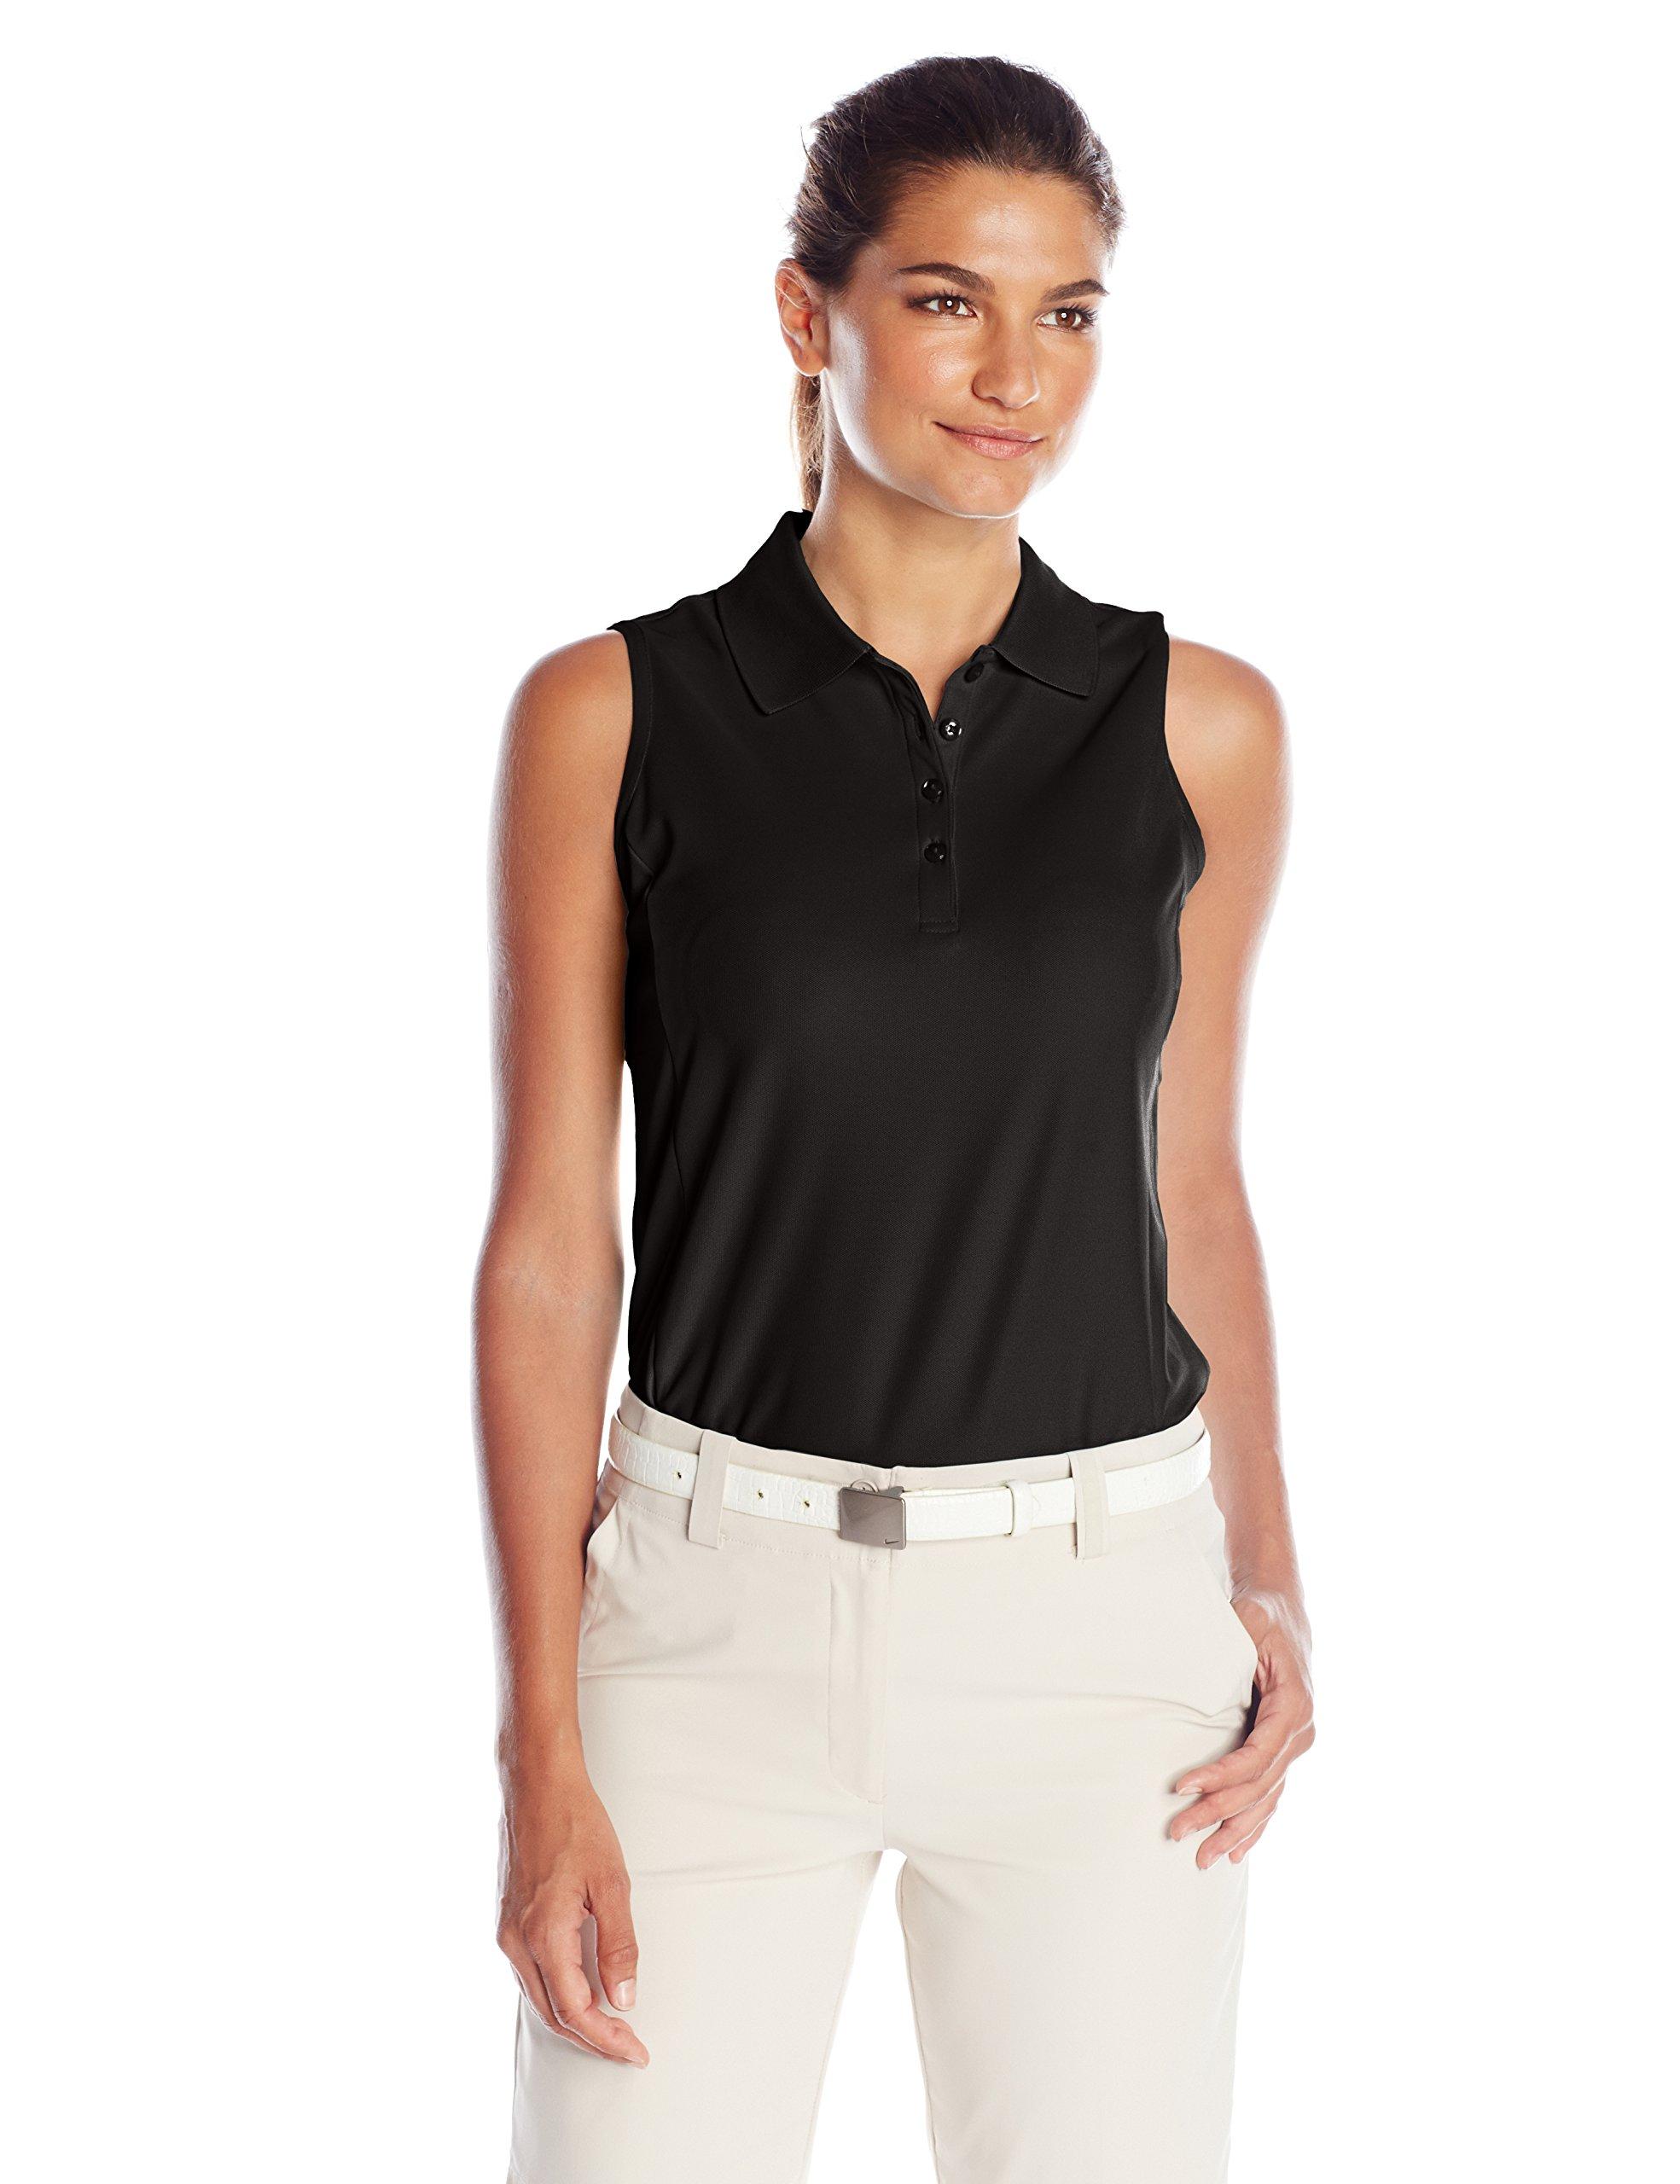 Greg Norman Women's Protek Micro Pique Sleeveless Polo, Black, X-Small